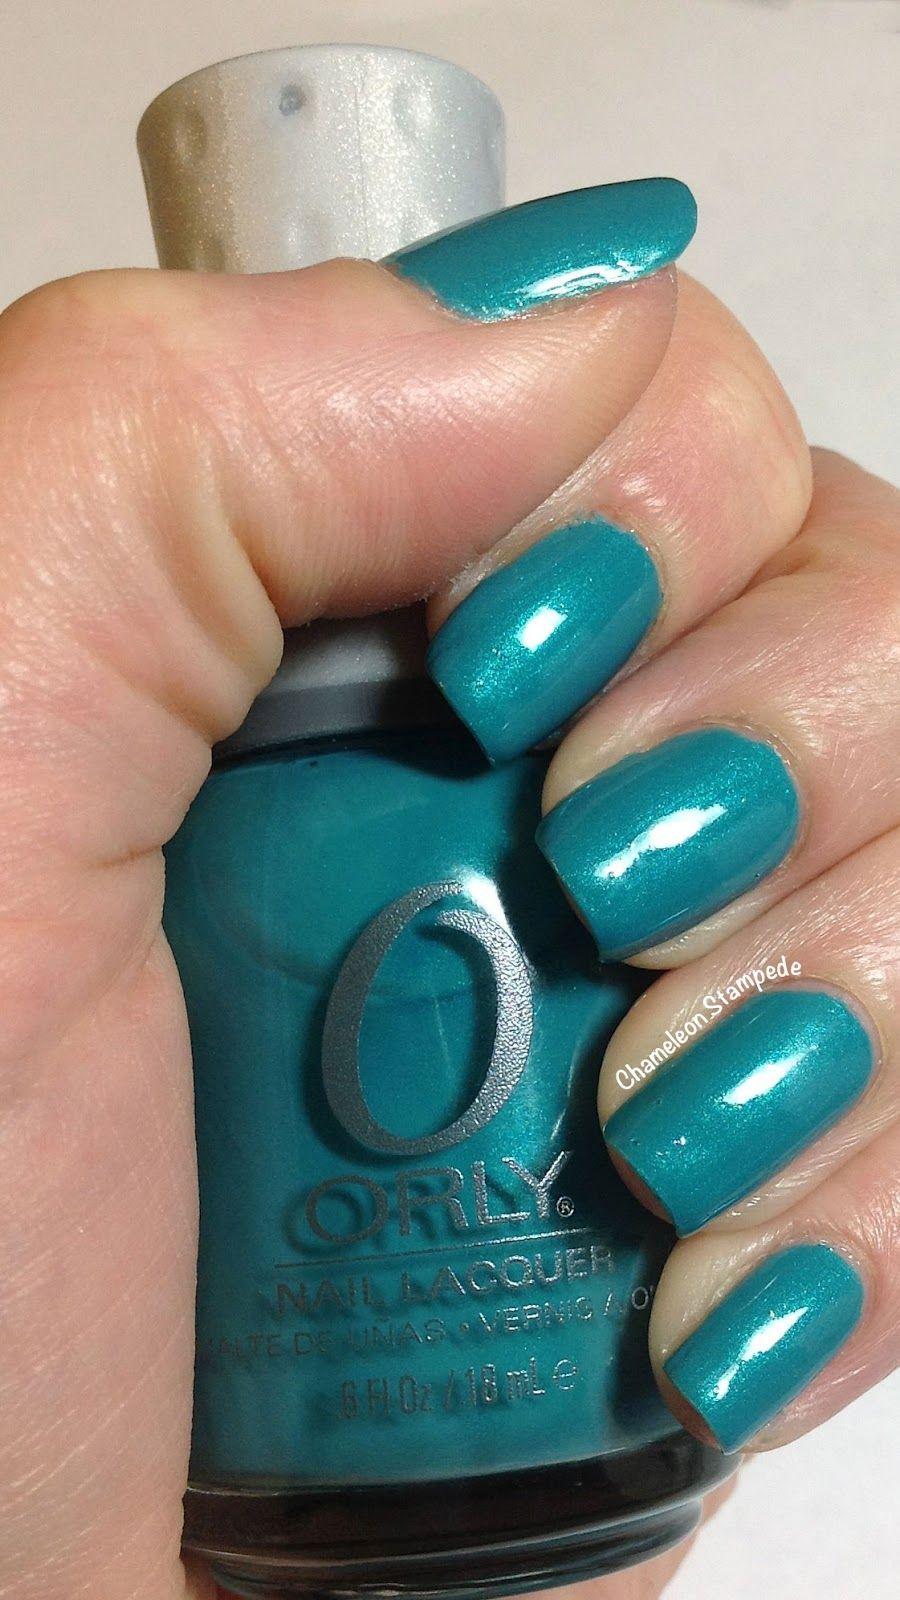 Orly Bailamos Chameleon Stampede Nail Blog Nails Nail Polish | Solid ...